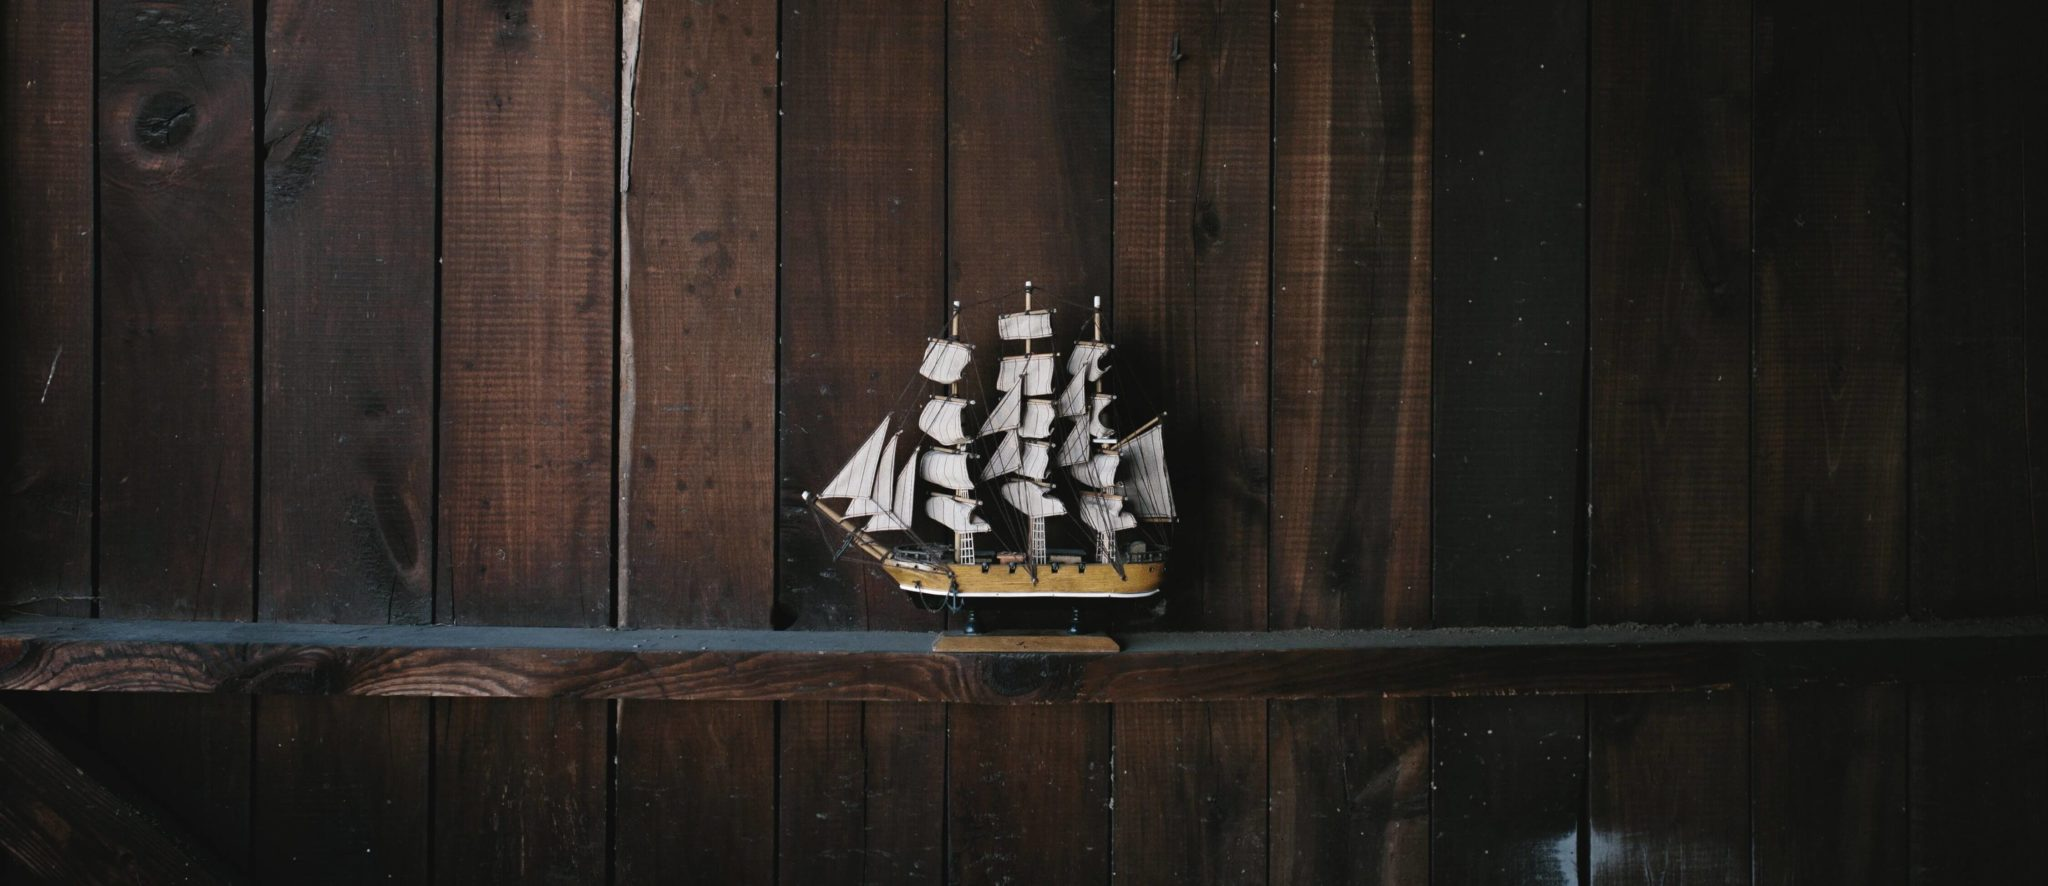 The Wheel of Spirits Rum